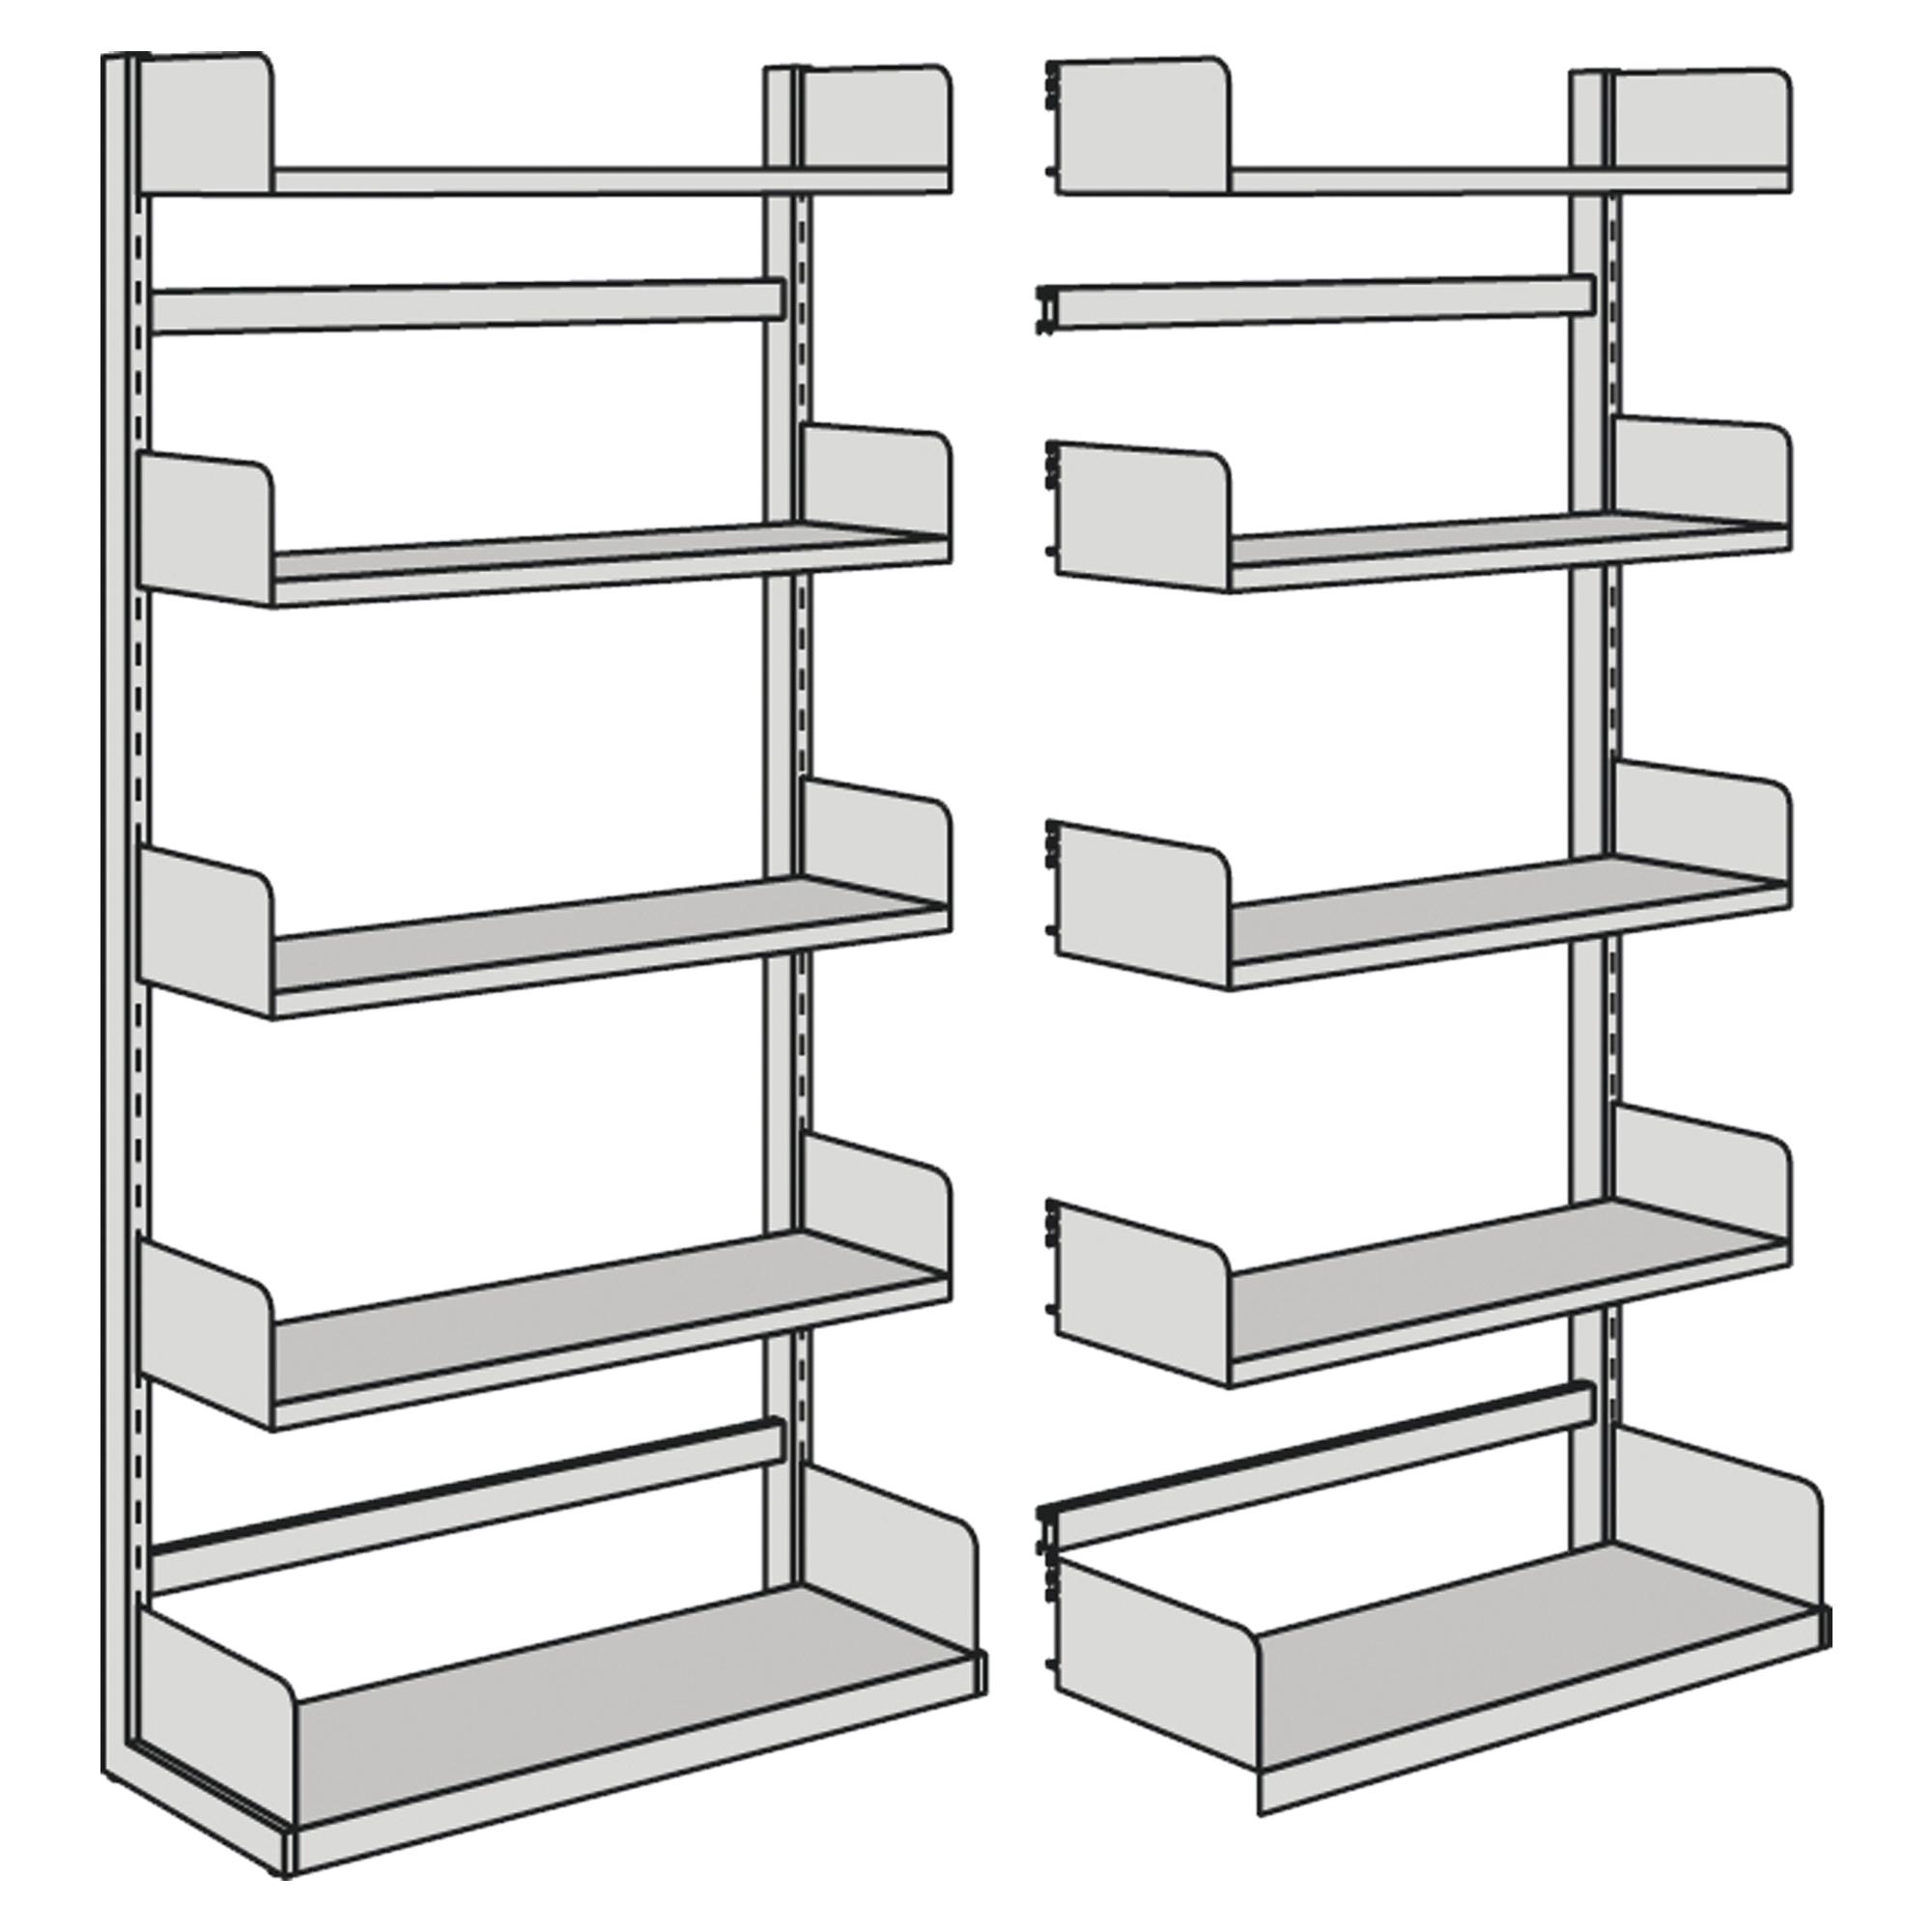 grundfeld f r freiarm regal einseitig jetzt online kaufen im ahb shop. Black Bedroom Furniture Sets. Home Design Ideas